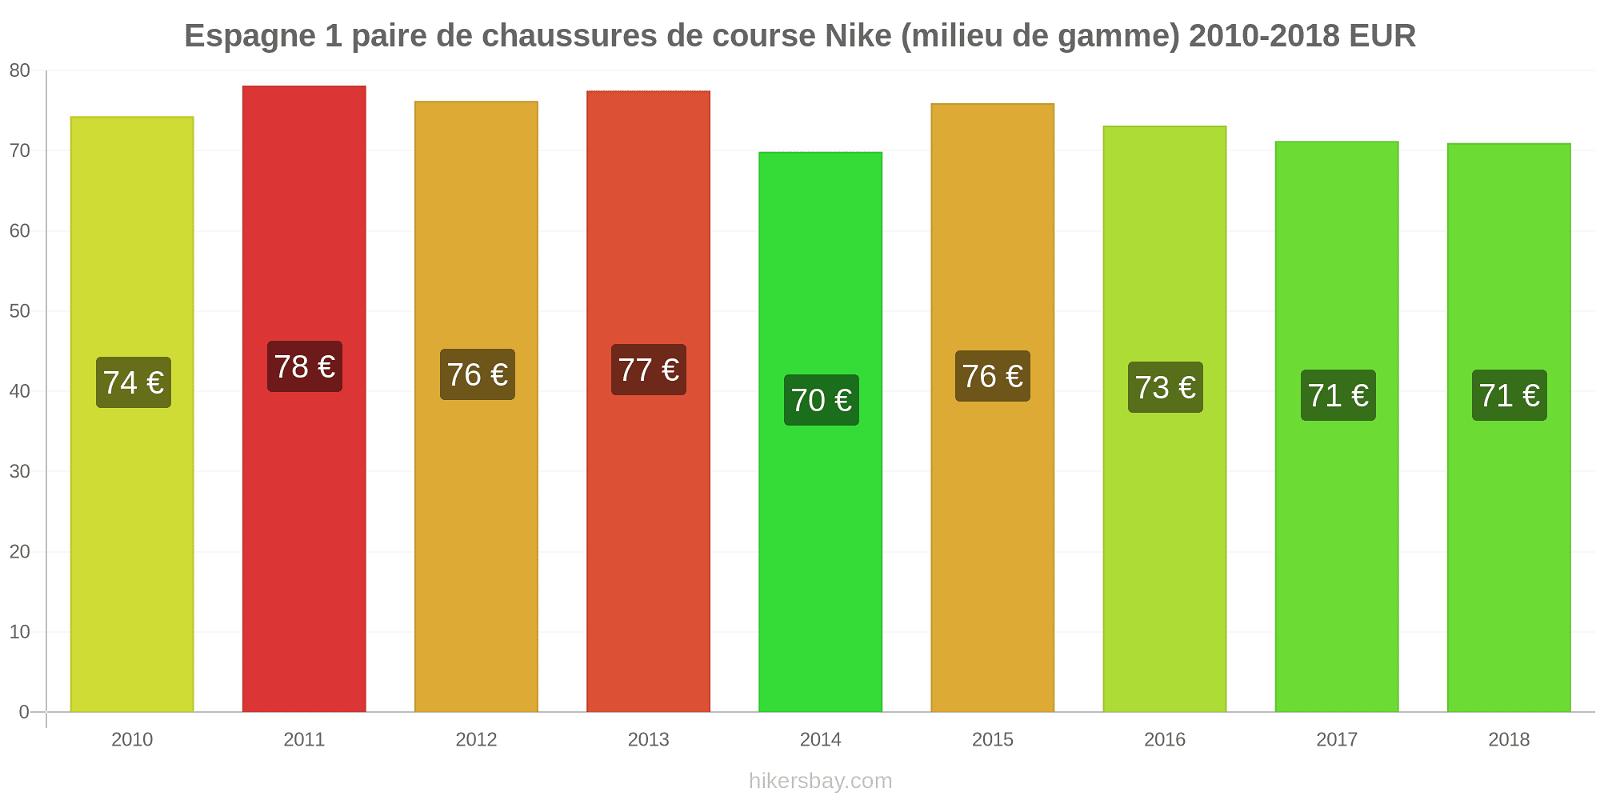 Espagne changements de prix 1 paire de chaussures de course Nike (milieu de gamme) hikersbay.com